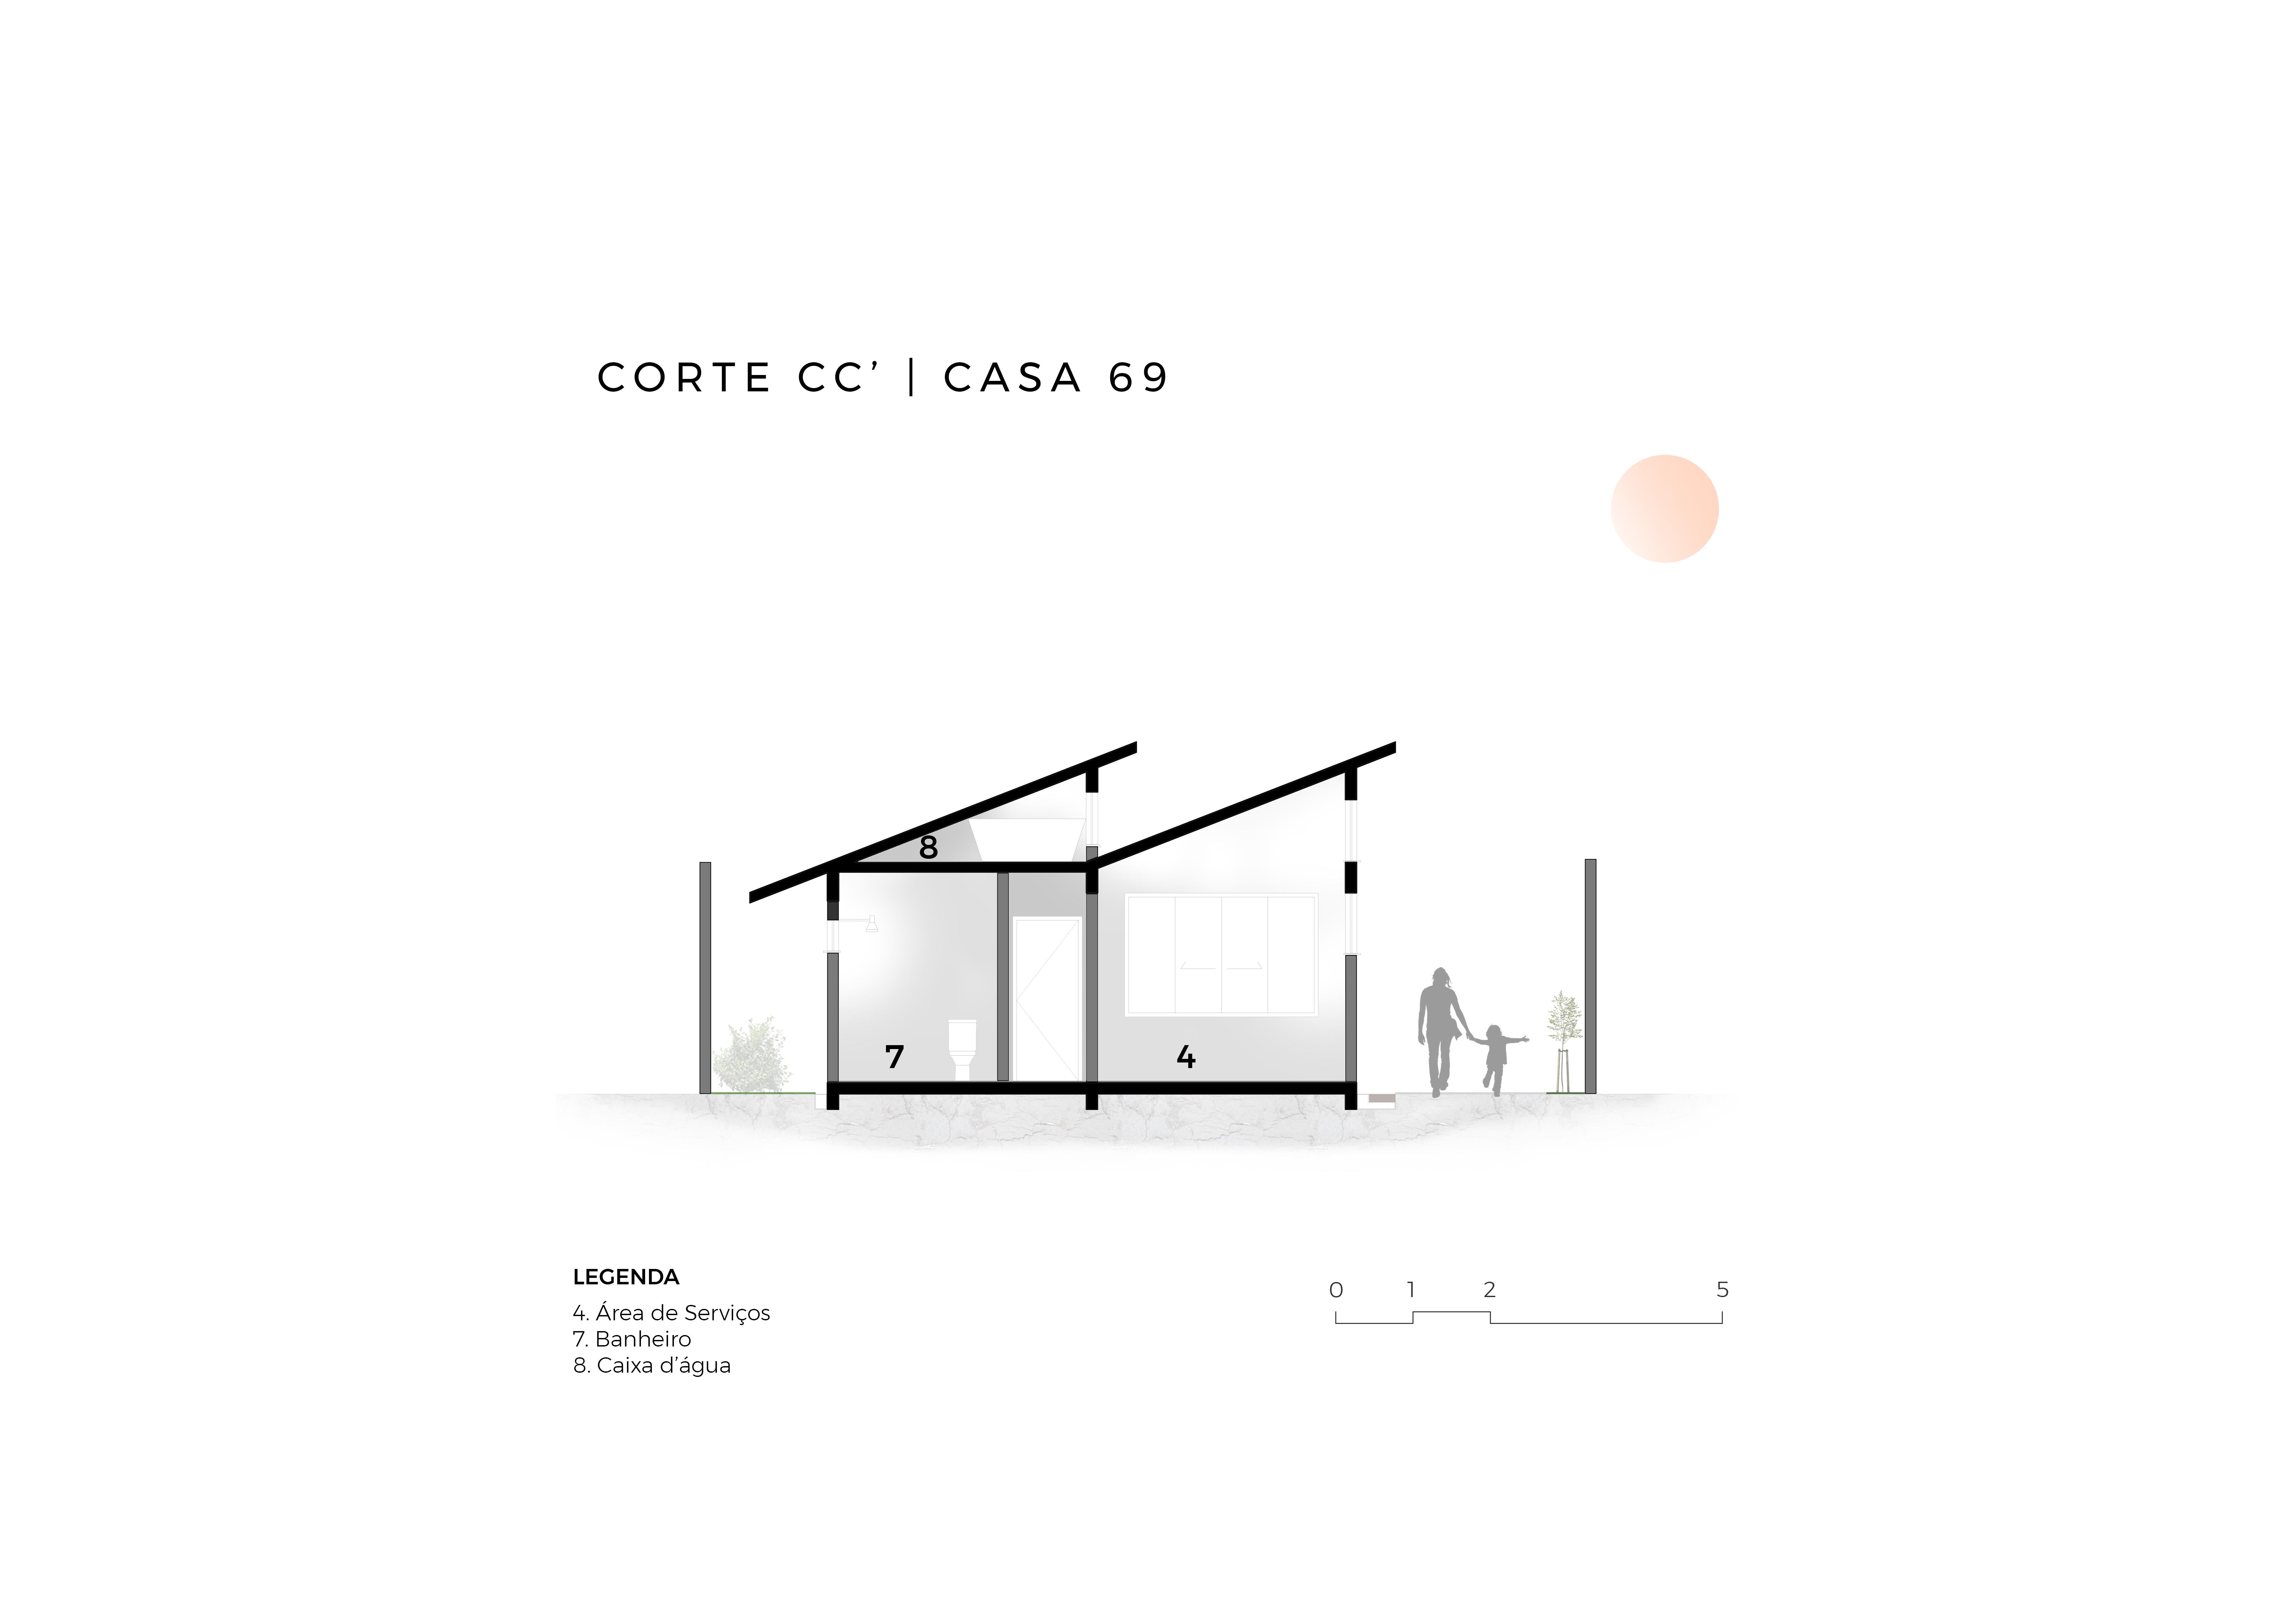 CASA69 - Corte CC'